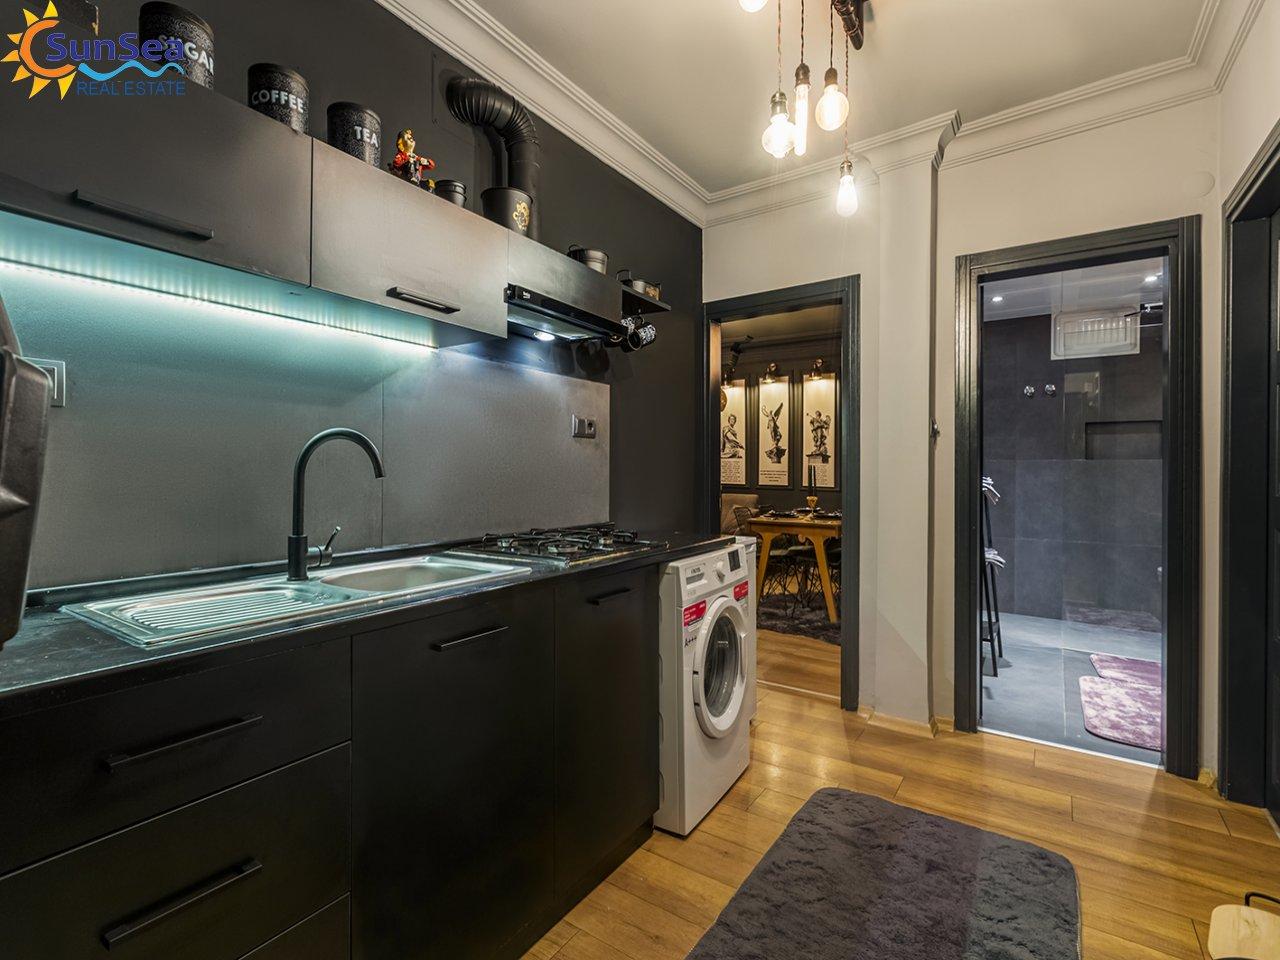 özkaya apart kitchen